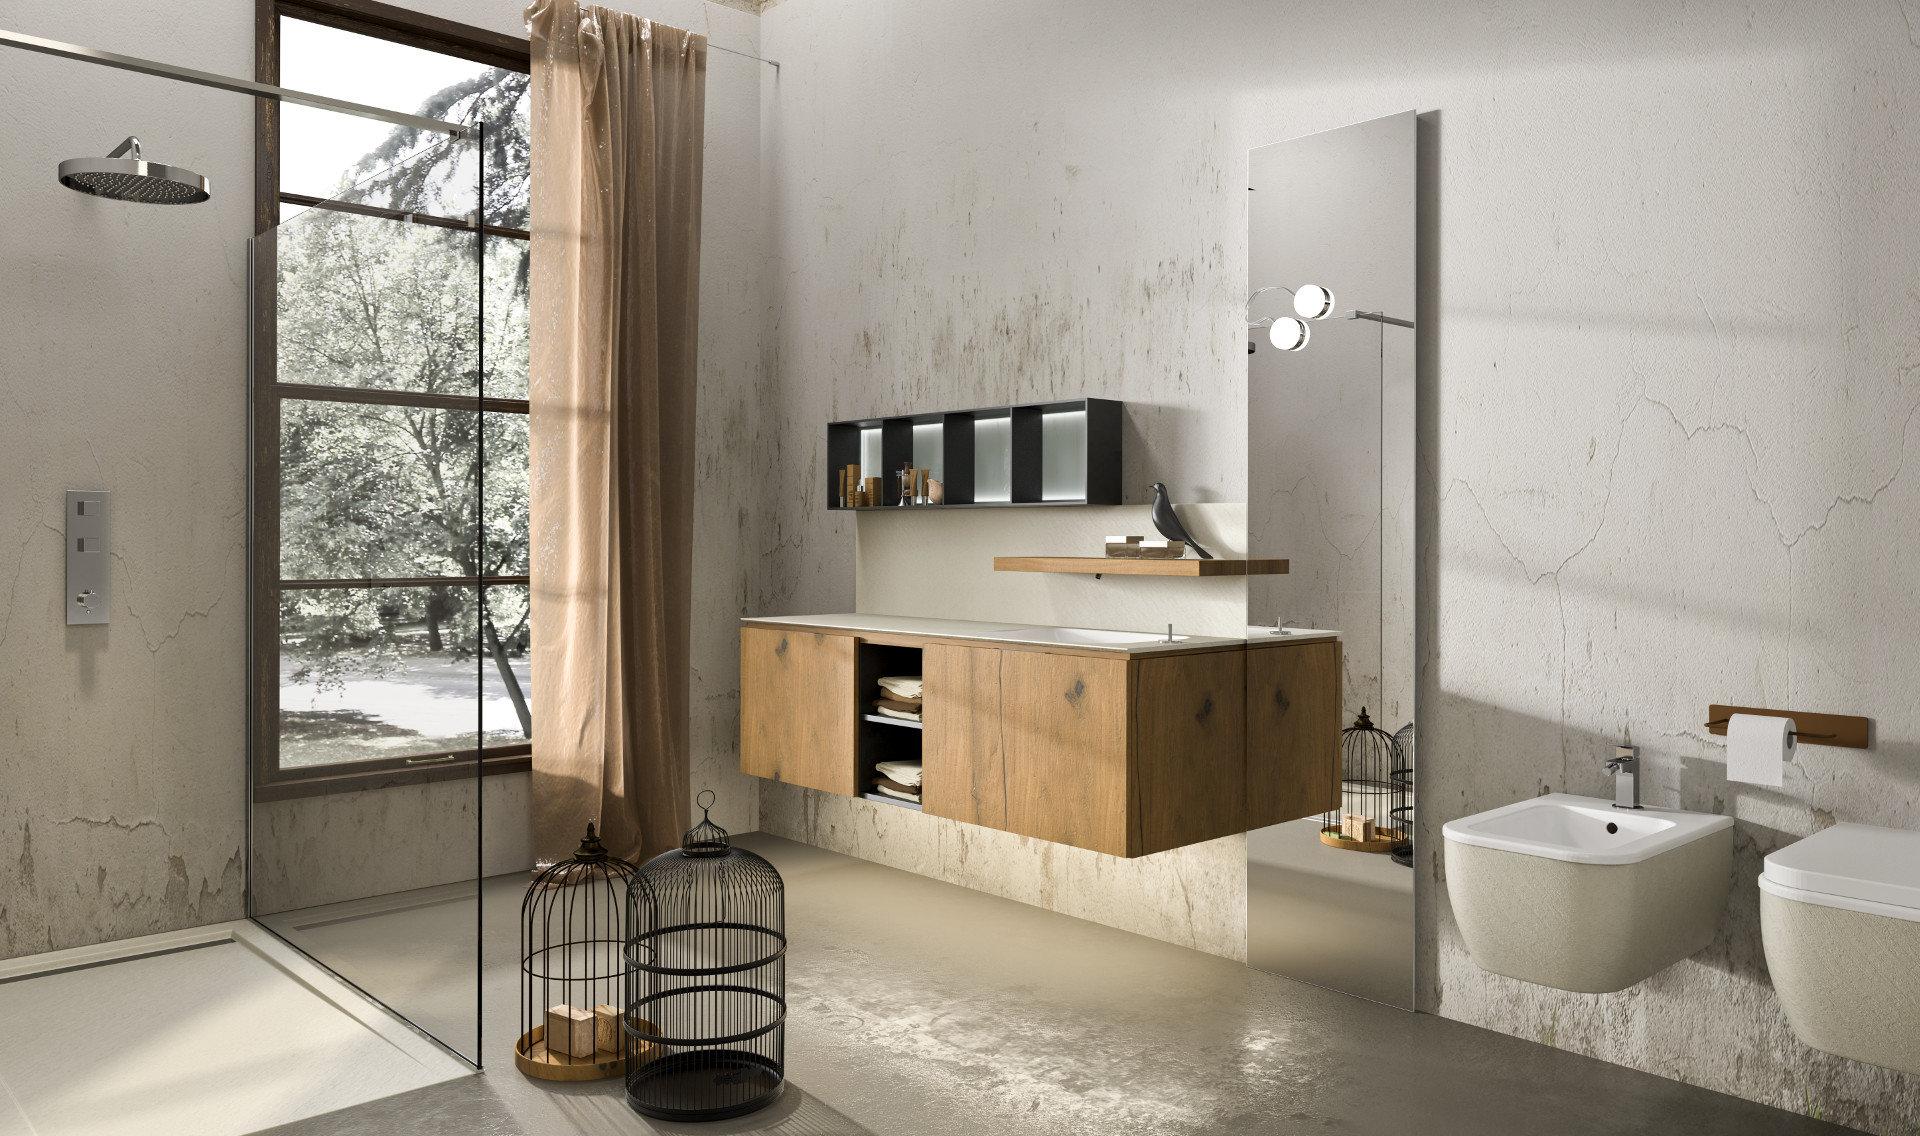 Edon design mydecor for Comprare case moderne